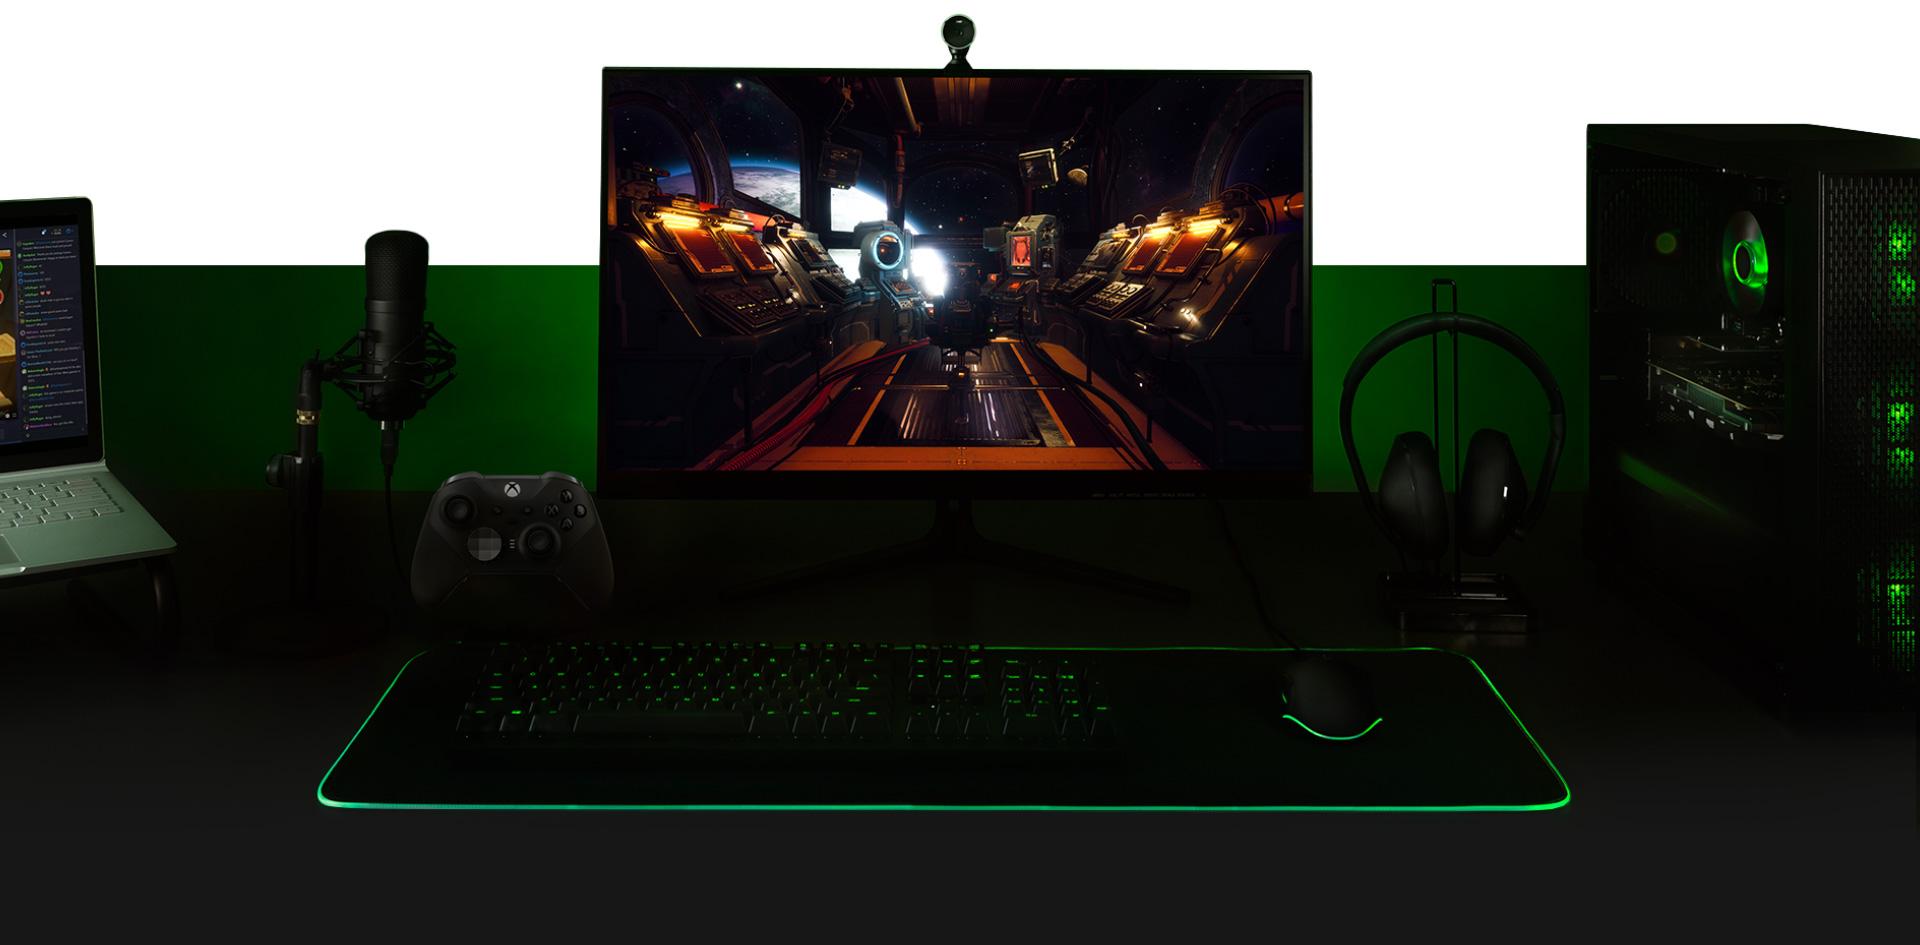 Scrivania con un PC, monitor con schermata di gioco di The Outer Worlds, tastiera, Xbox One controller, microfono e un computer portatile.